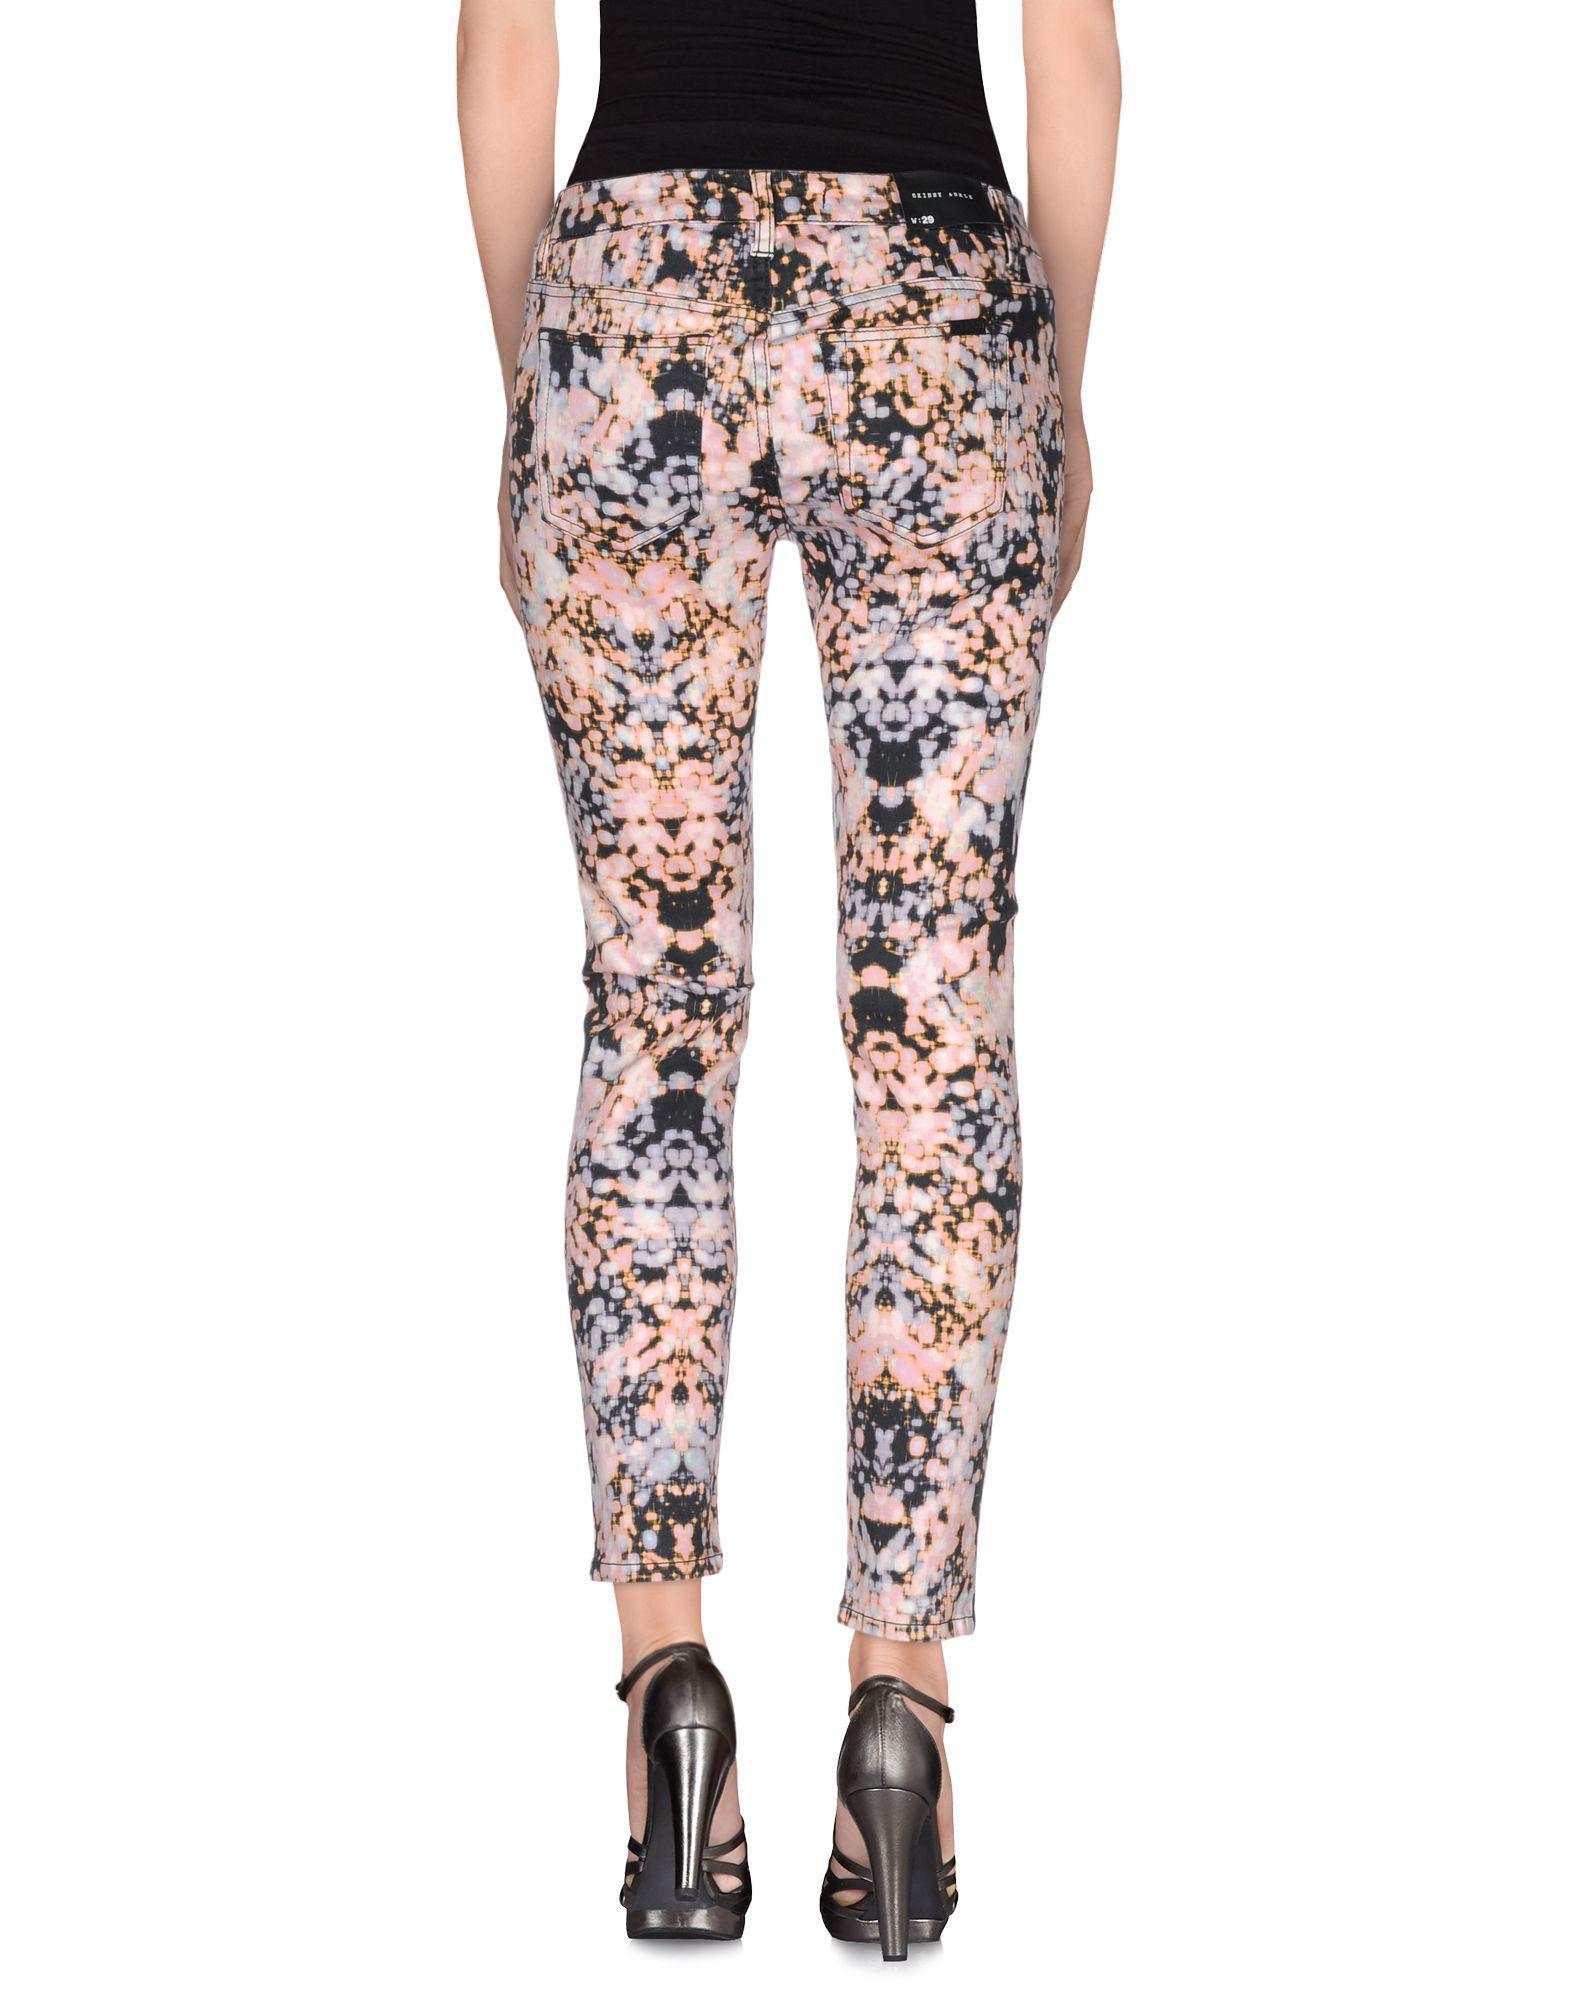 Joe's Jeans Denim Trousers in Lilac (Purple)